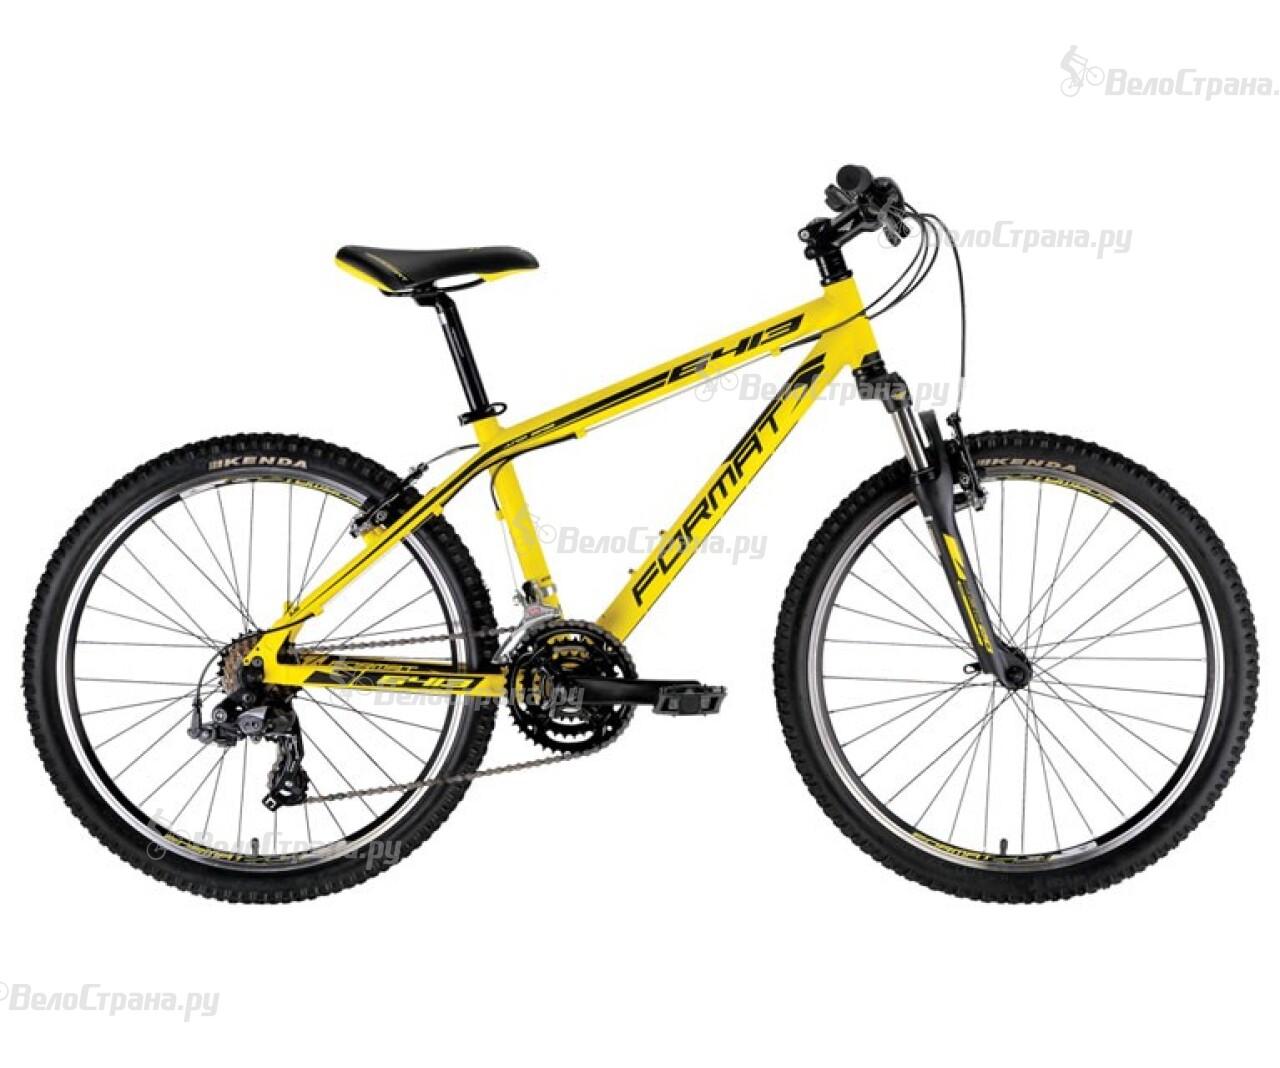 Велосипед Format 6413 (2014) велосипед format 1212 2014